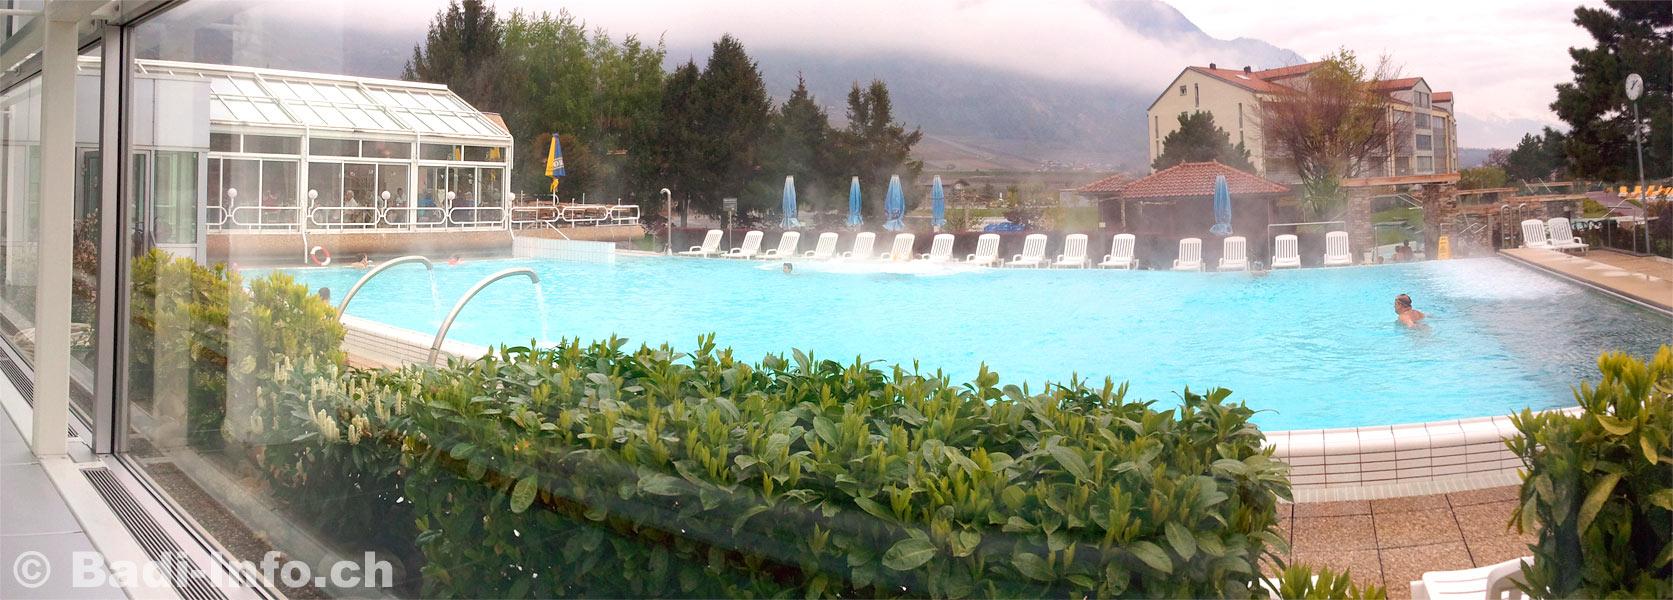 Bains thermaux de saillon for Hotel des bains saillon suisse